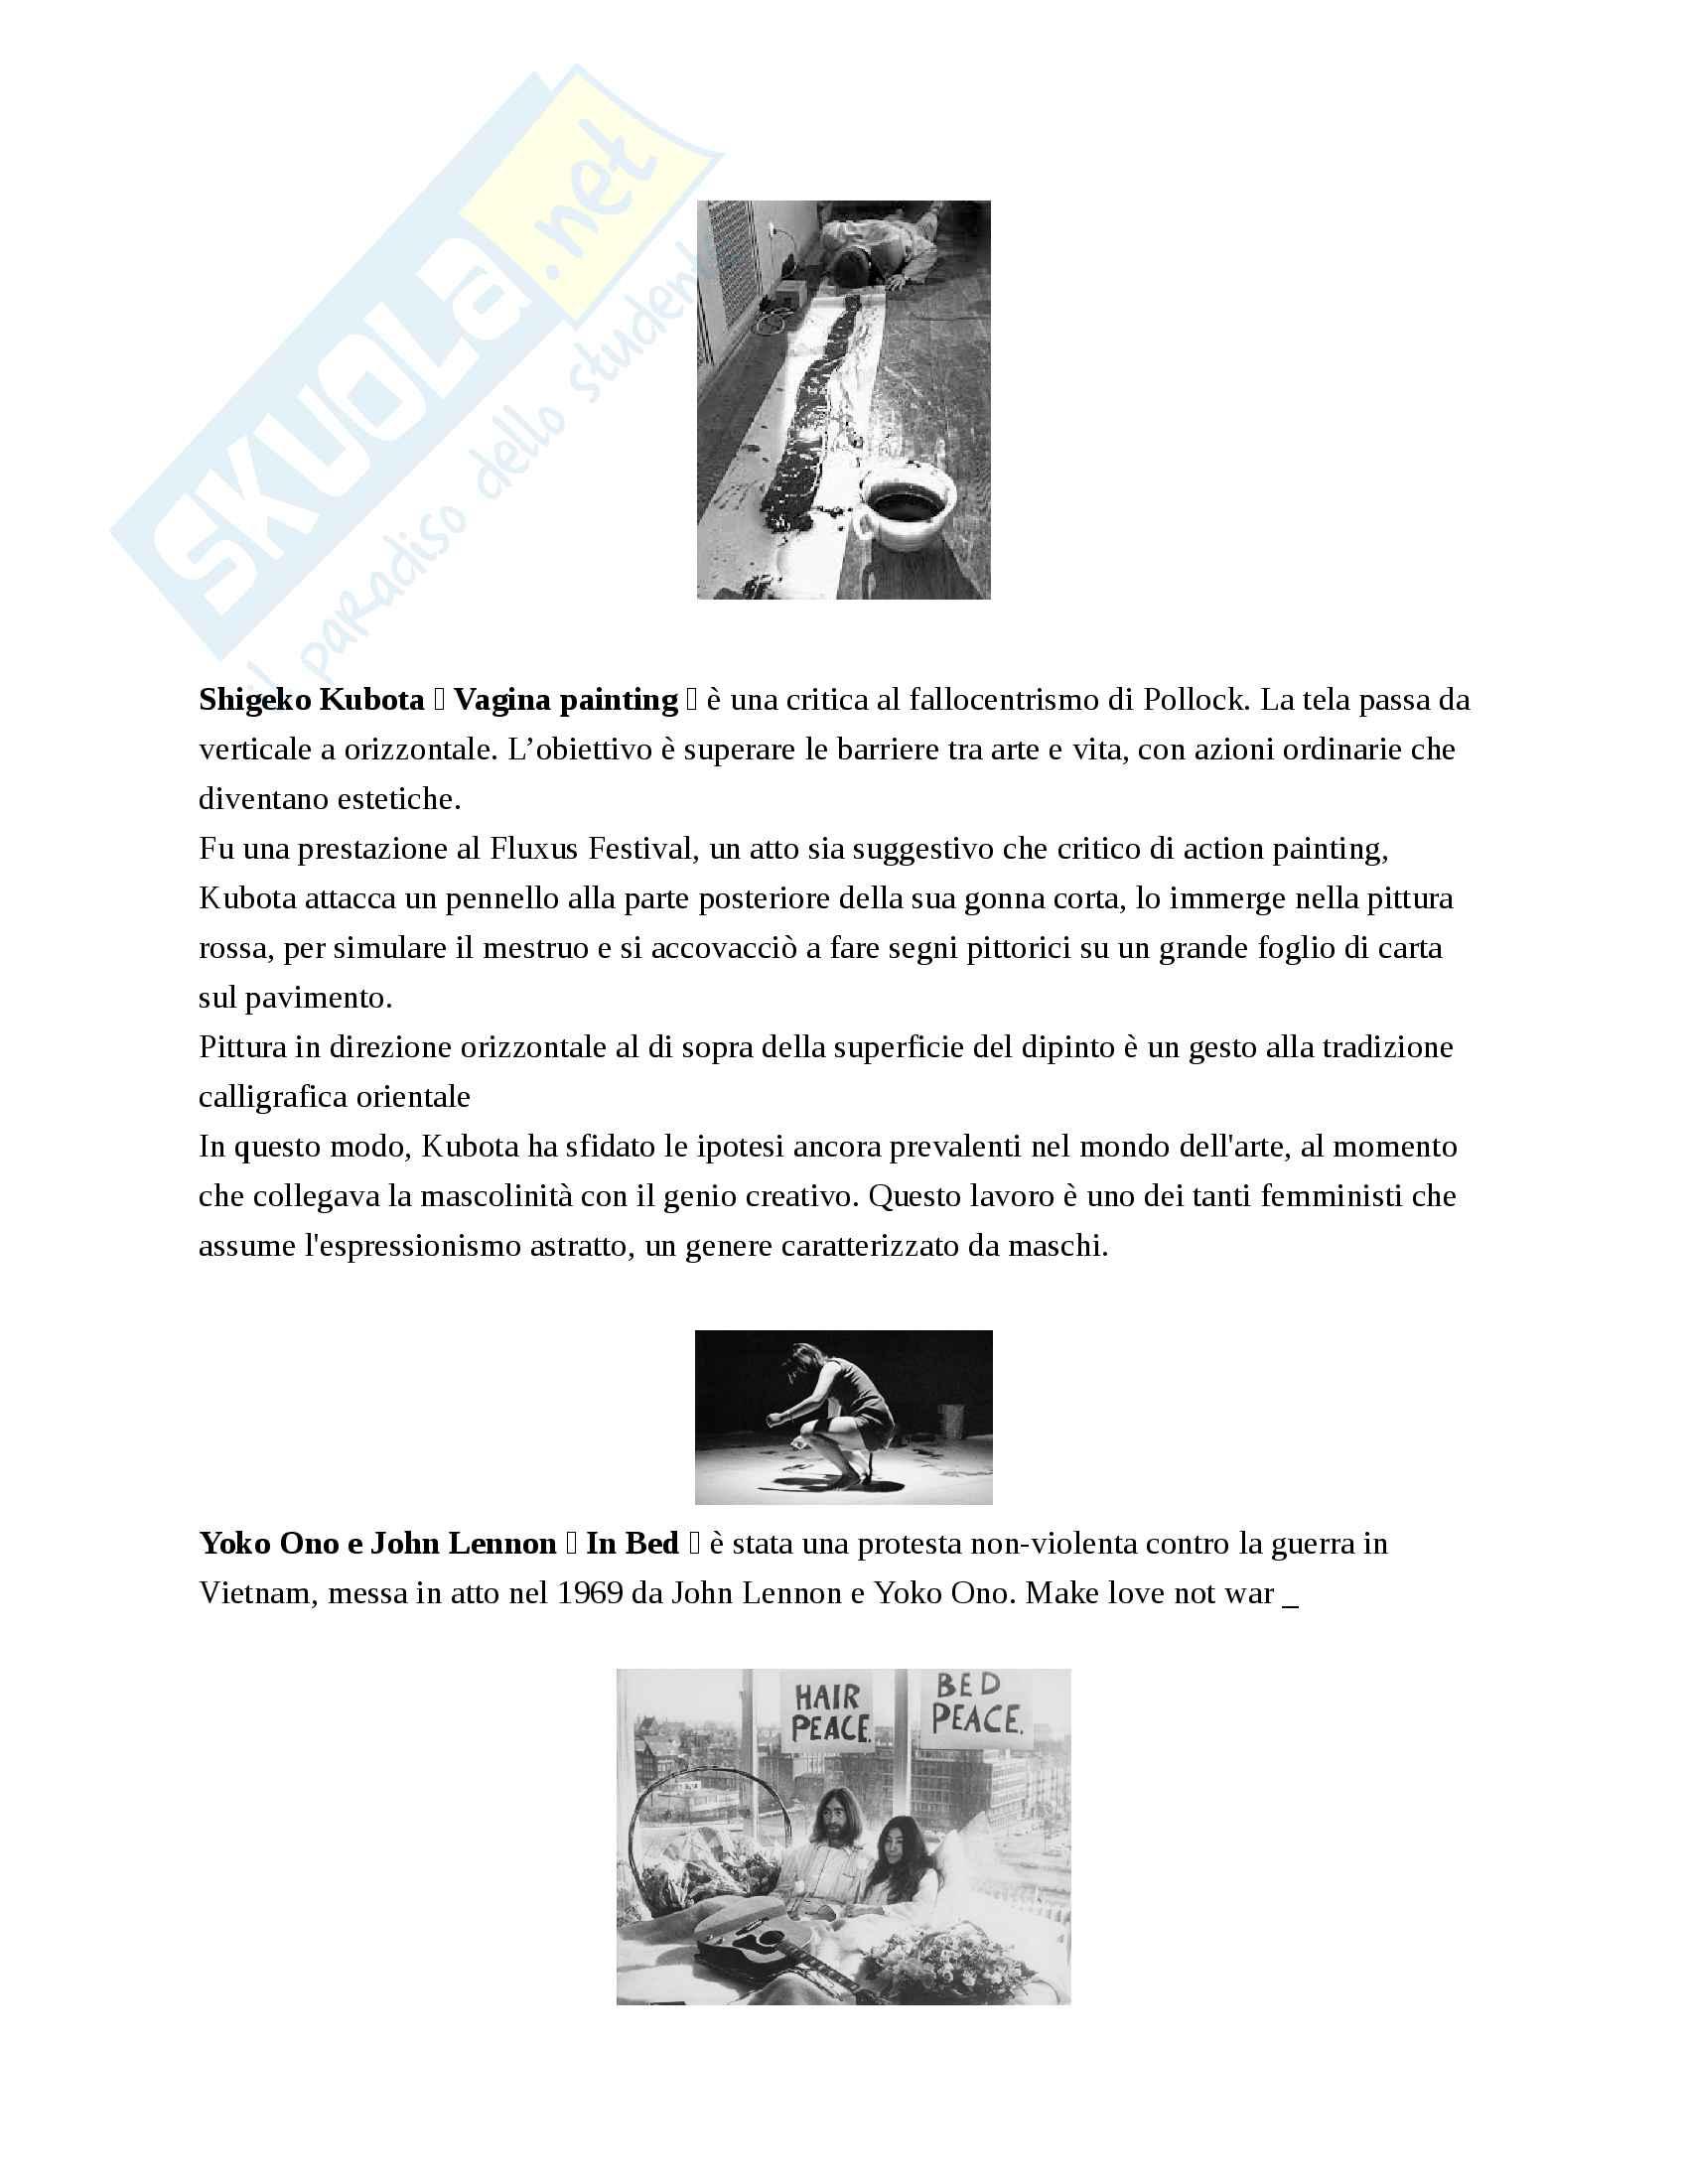 Storia dell'arte contemporanea dalla Germania degli anni 0 Pag. 31